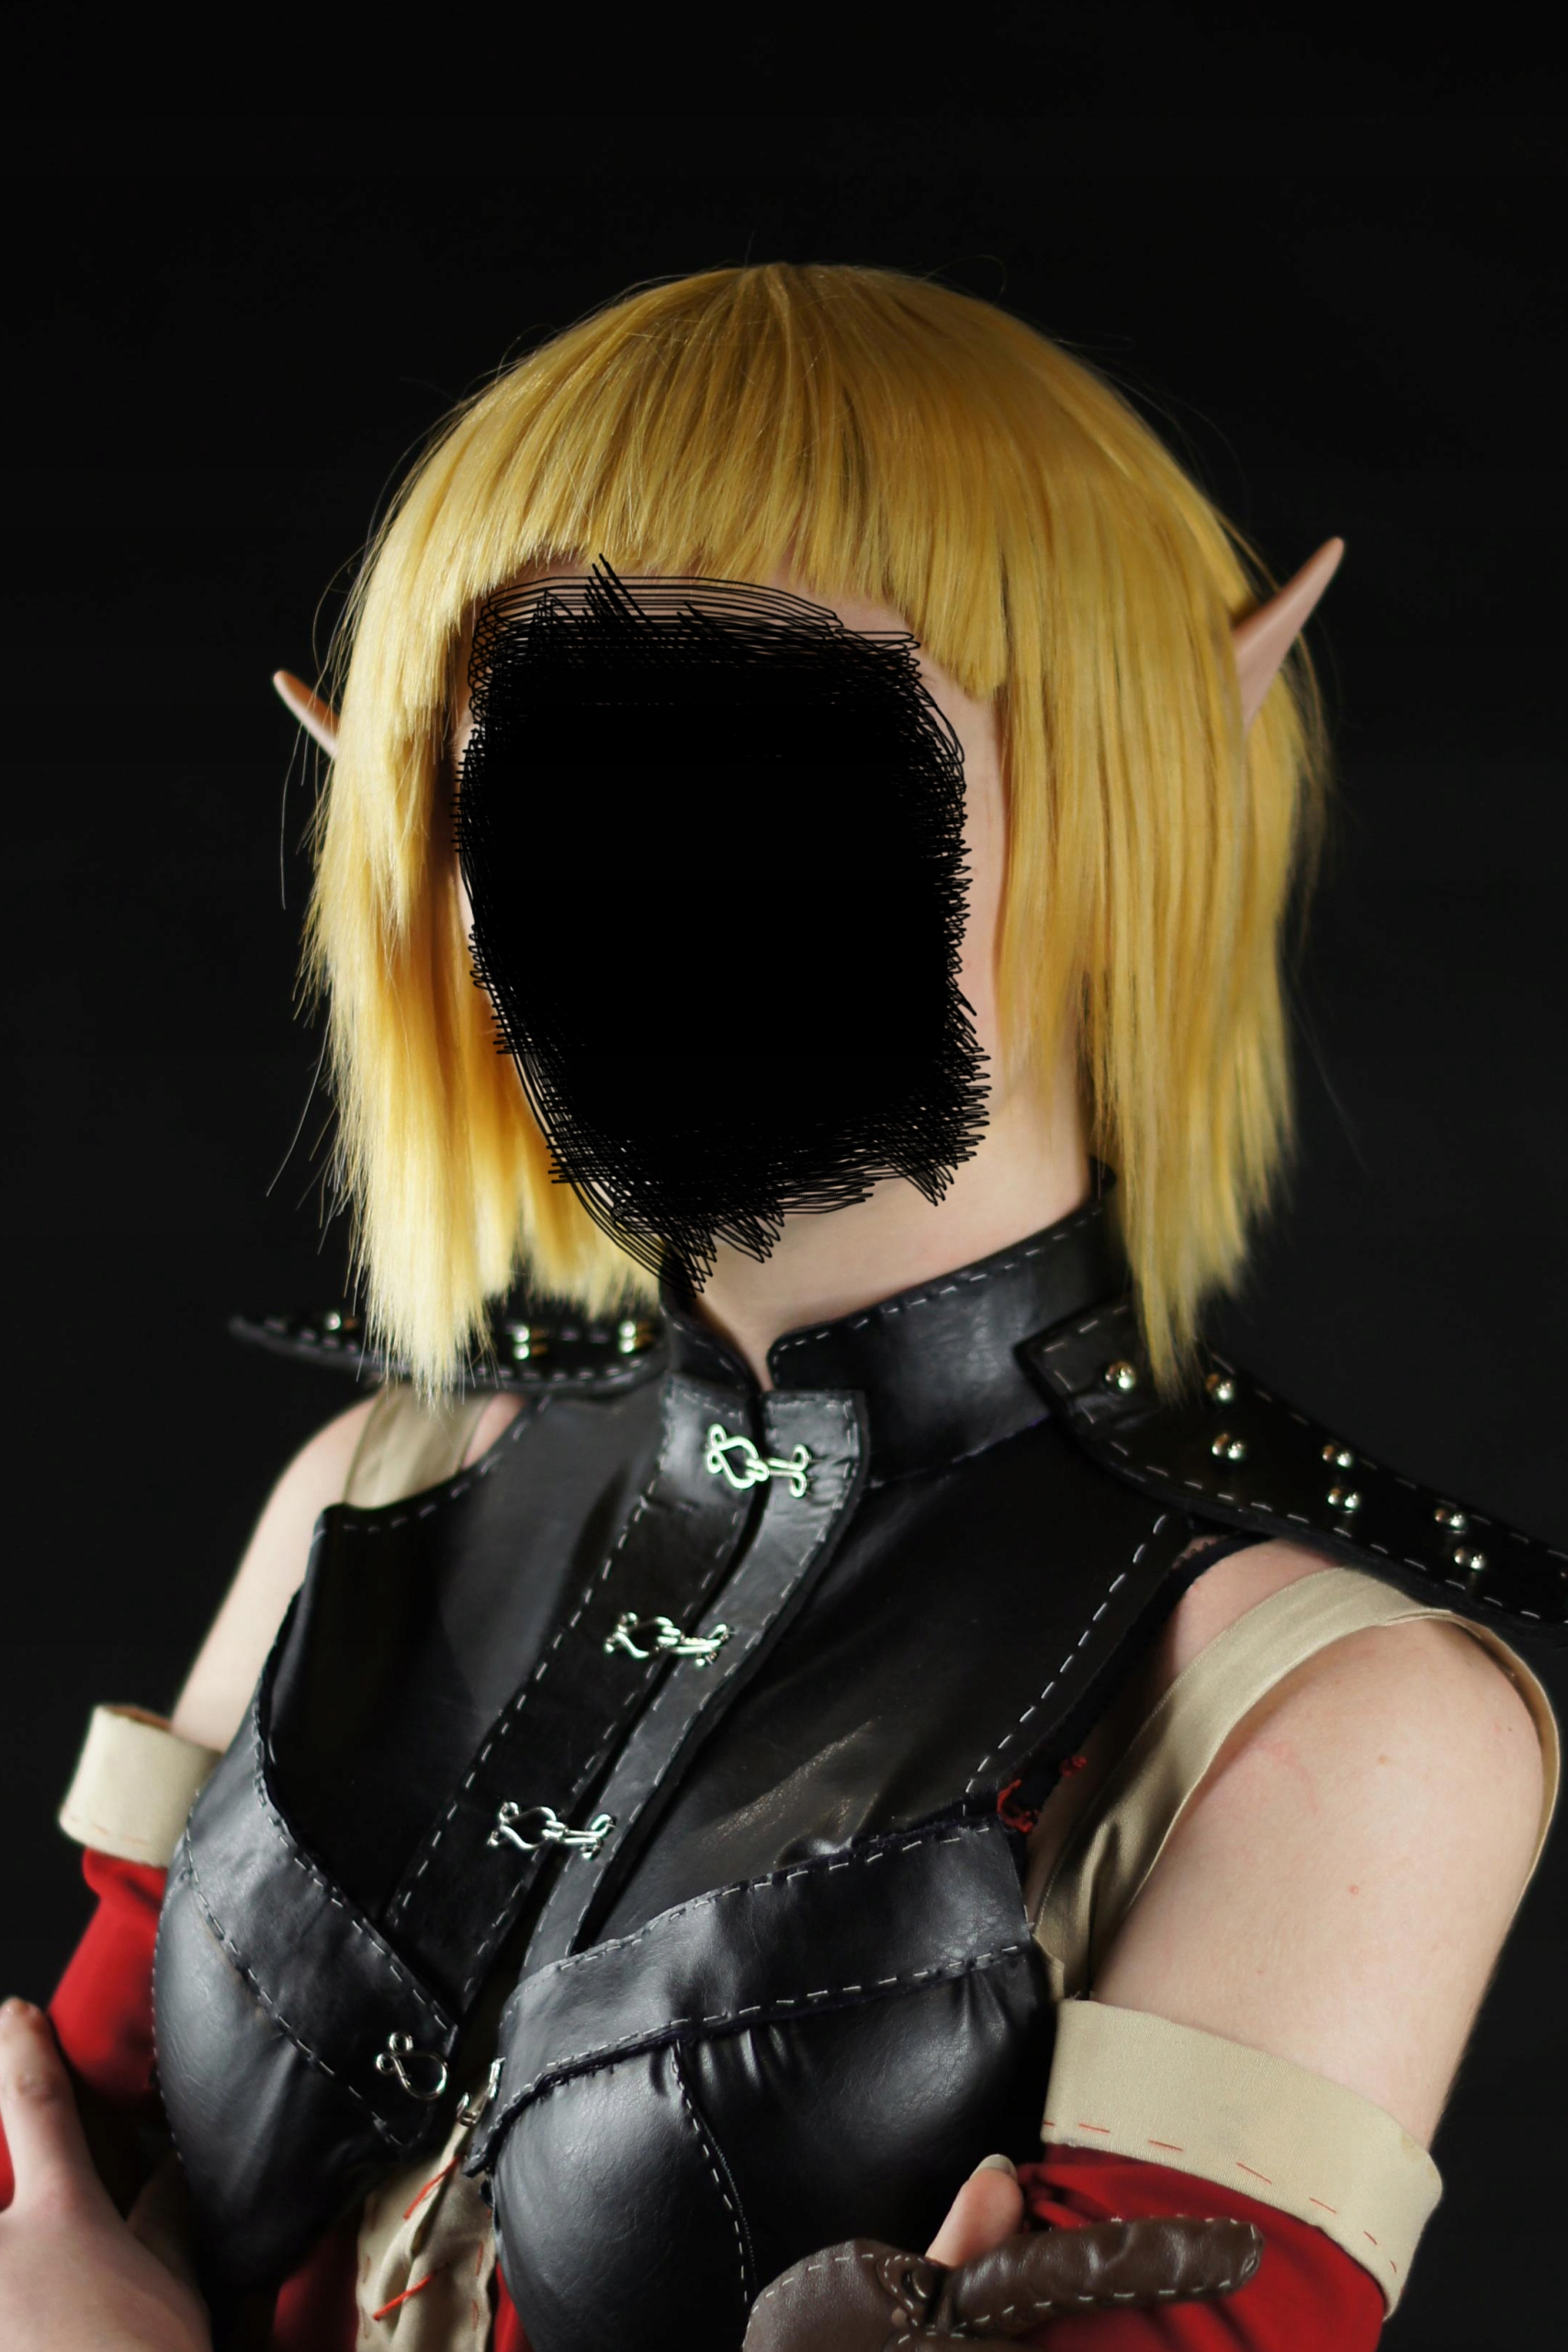 peruka krótka blond żółta wig cosplay kostium bob